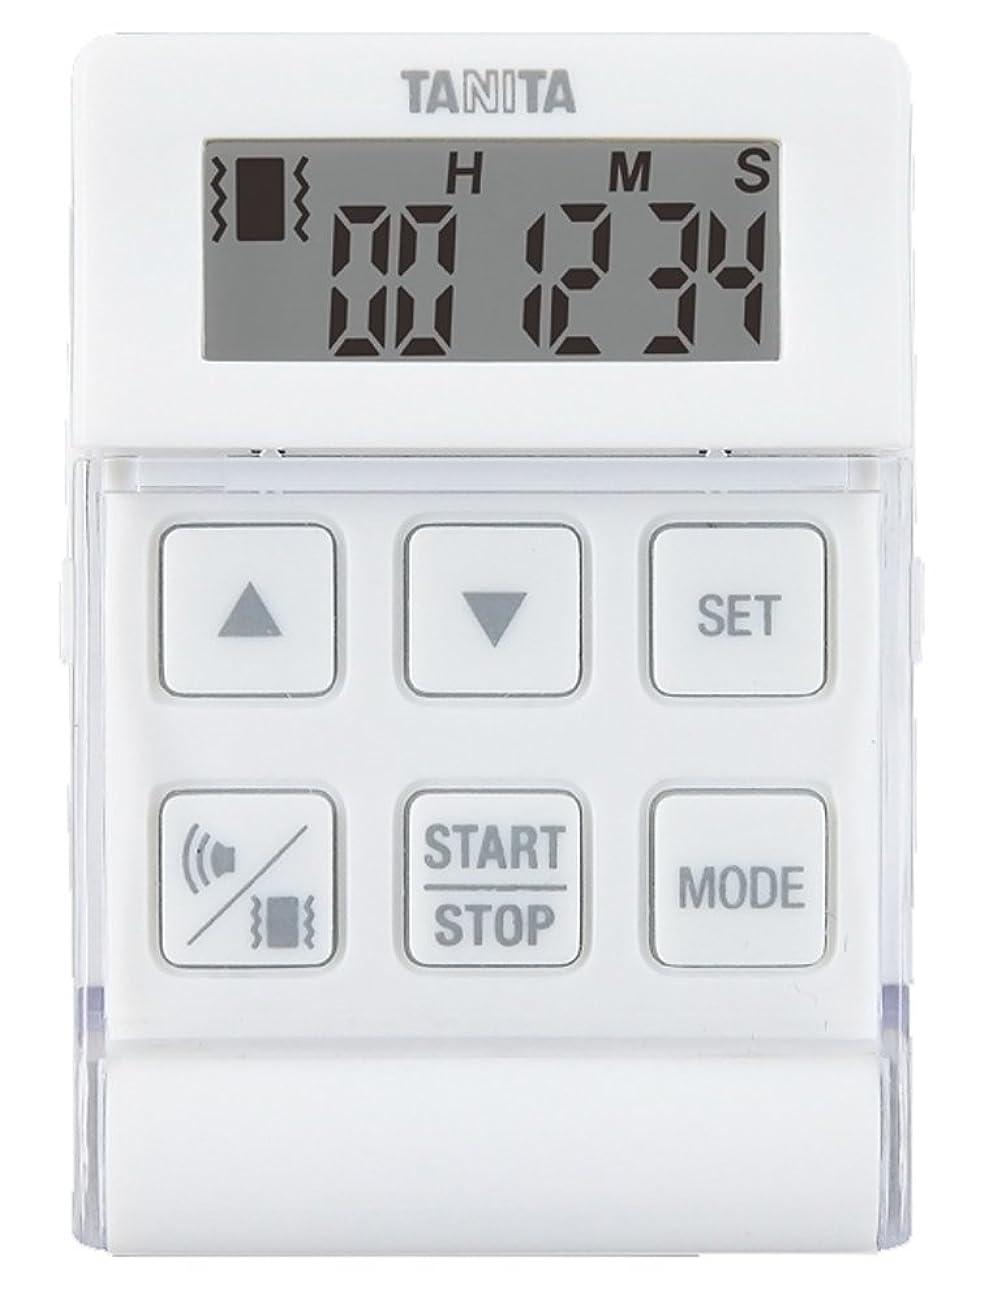 デジタルカリング寝室を掃除するタニタ タイマー バイブレーション 24時間 ホワイト TD-370N NWH